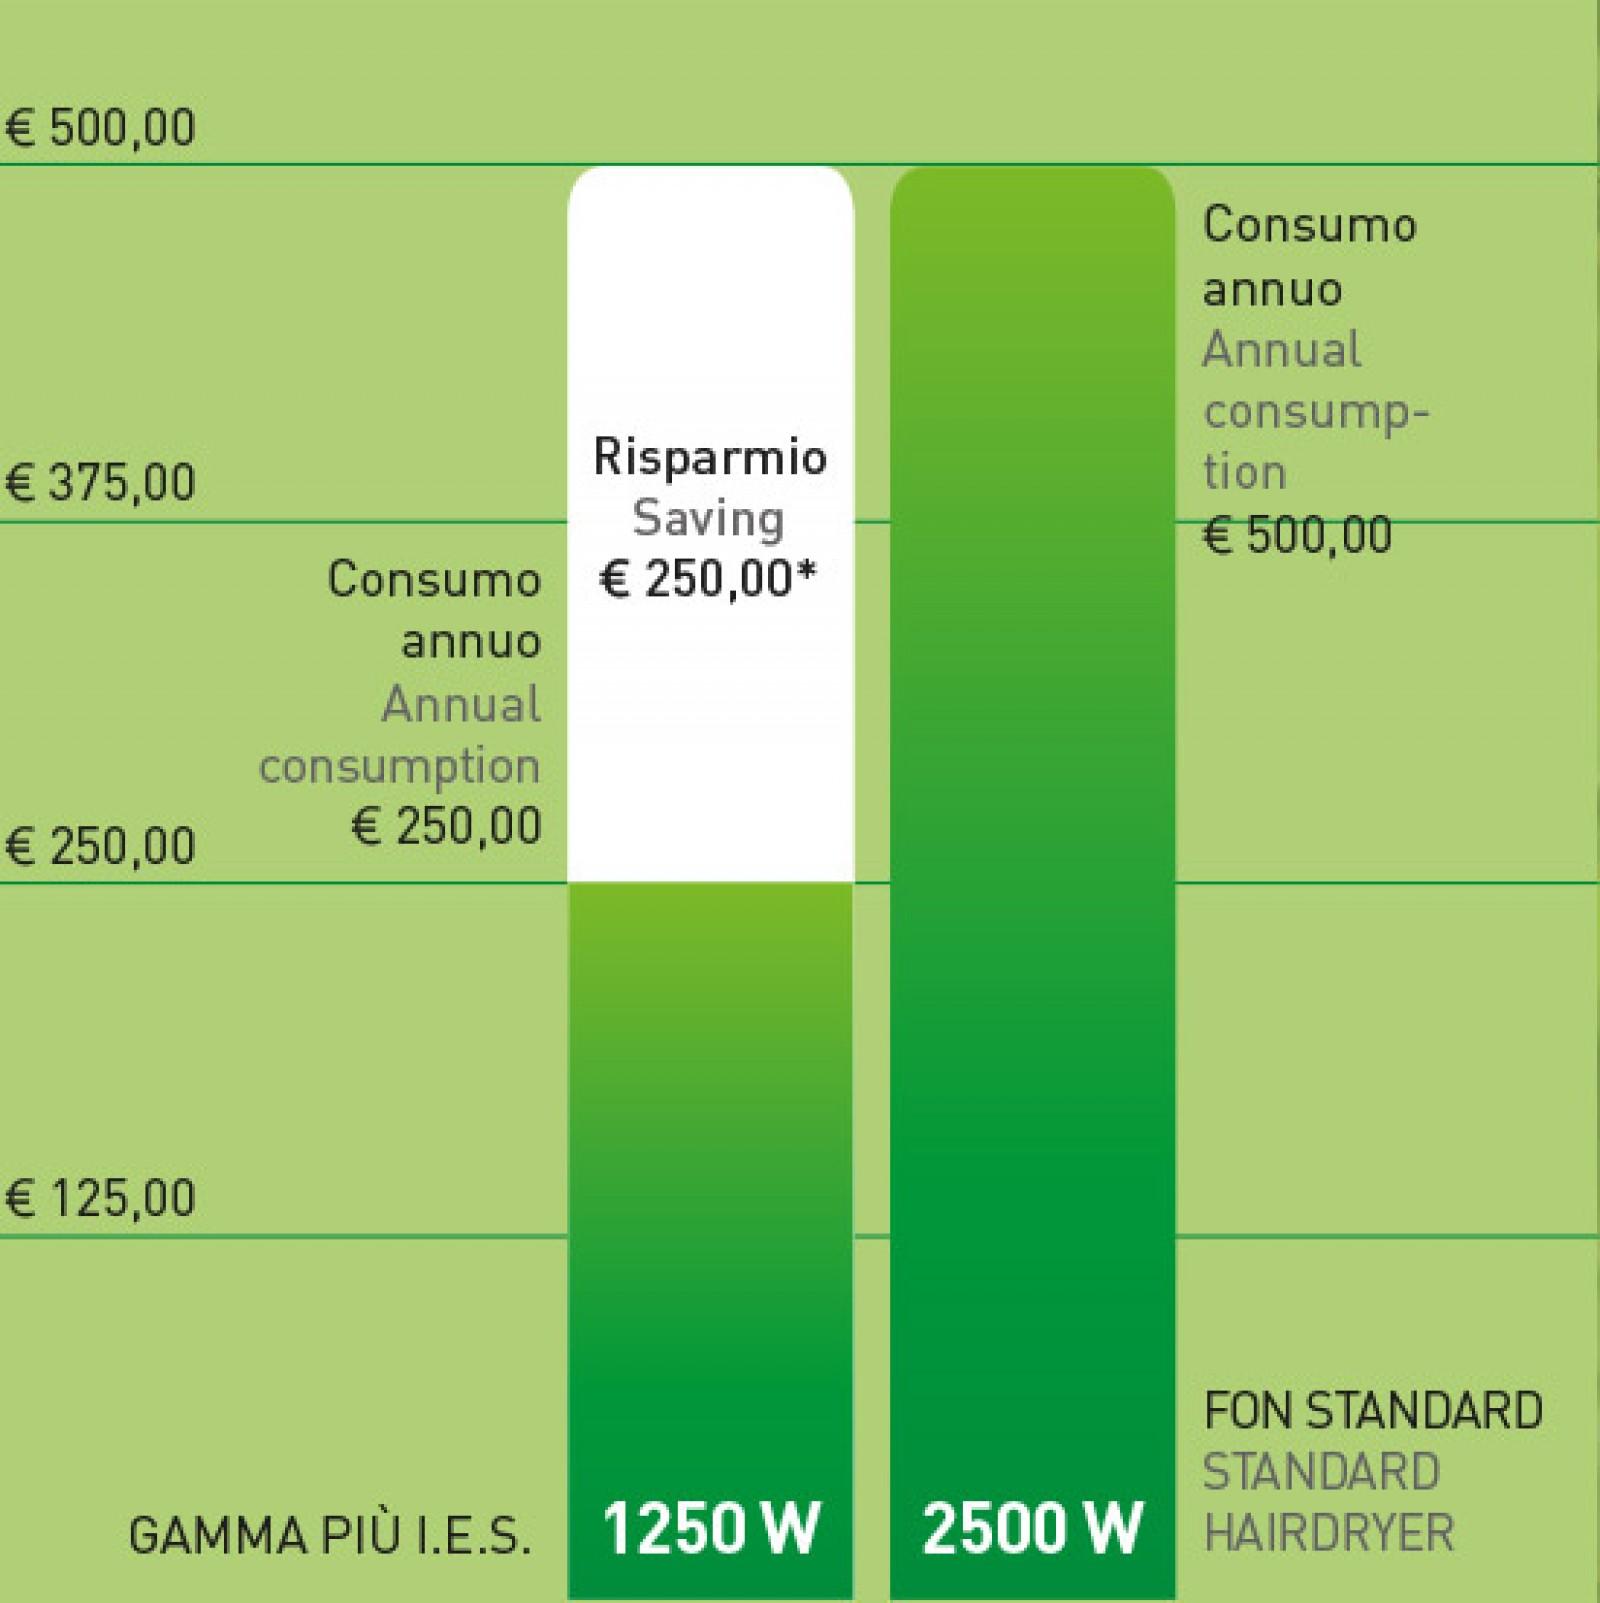 Einsparung € 250,00